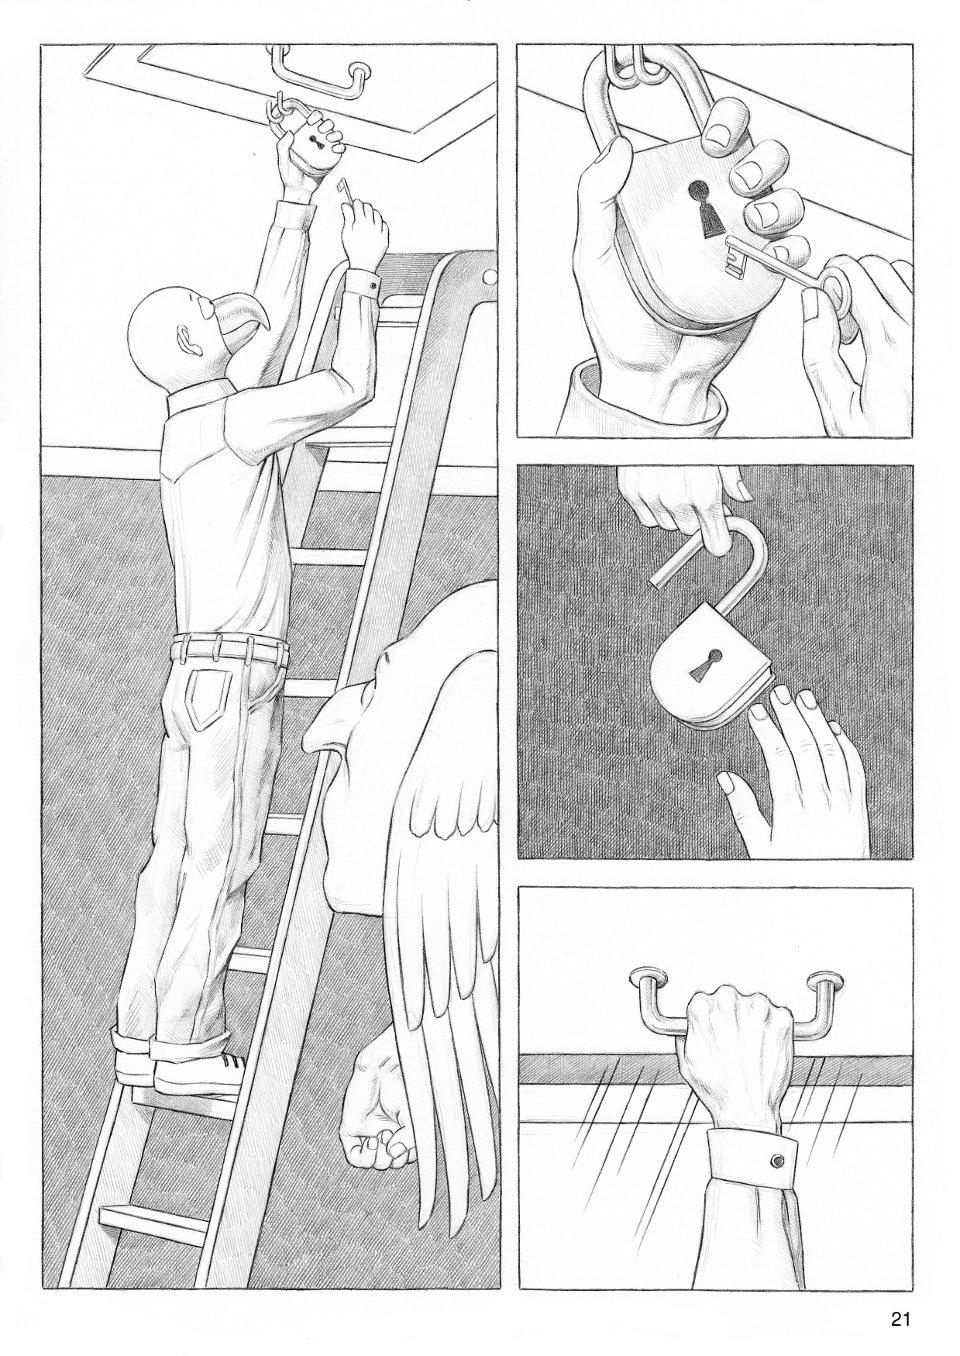 021_dirizhablyam-strelok-oppundeyl-komiksy-kartinki-komiksy_34100823821